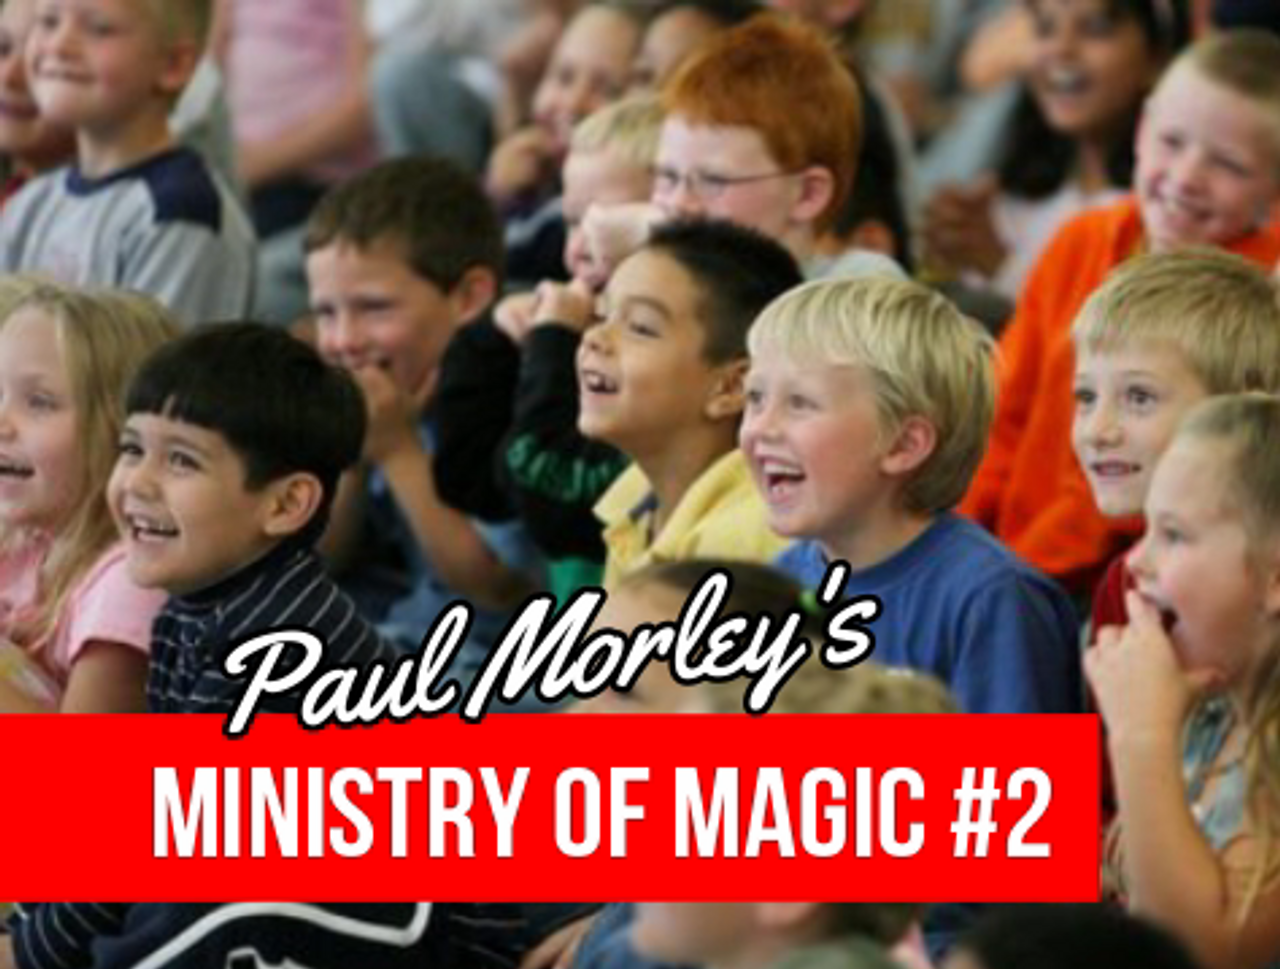 Paul Morley Gospel Magic Tricks Lessons Church Children